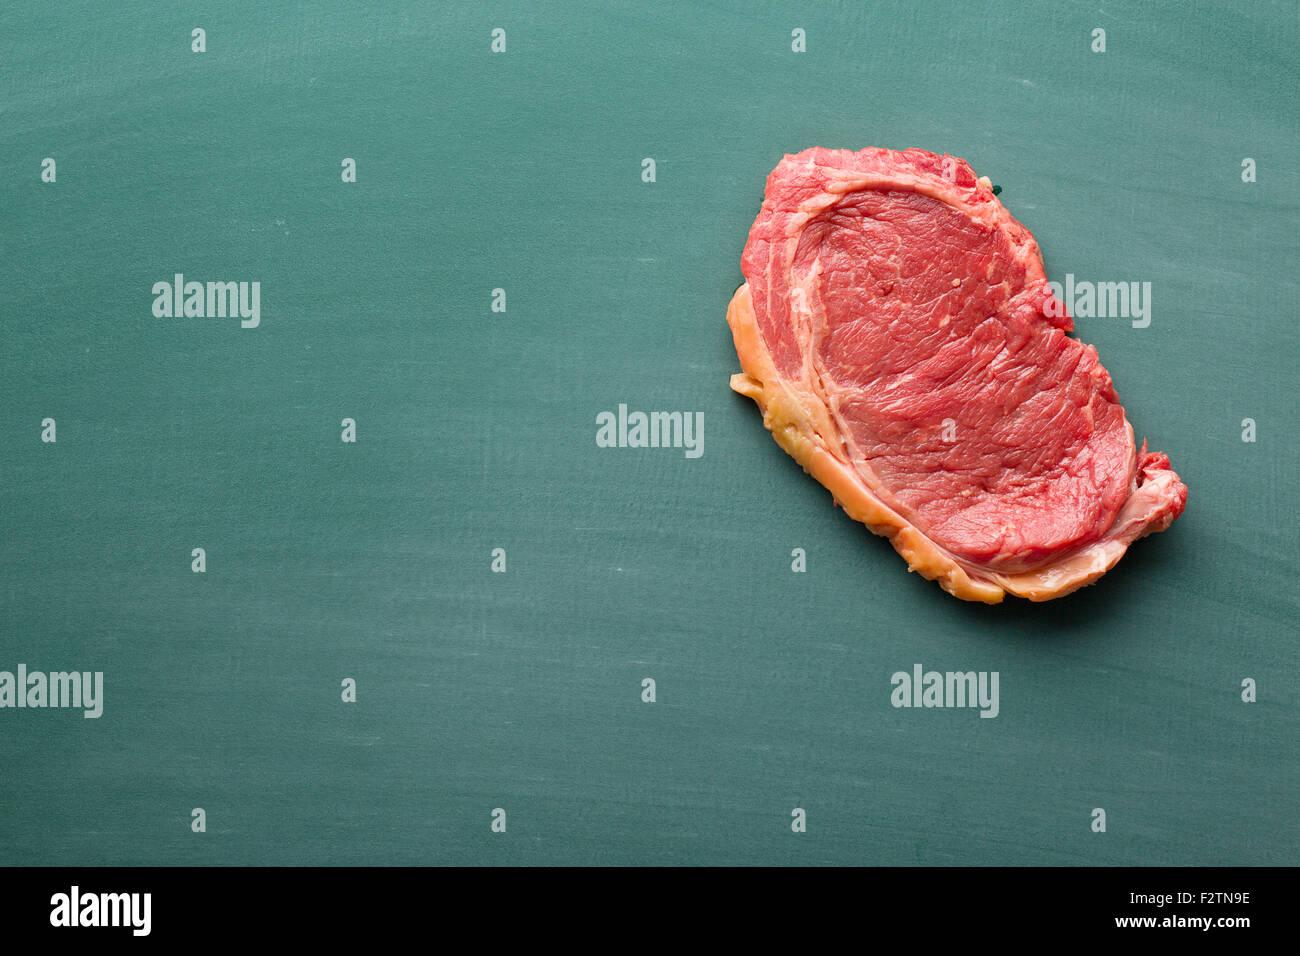 fresh raw beef on chalkboard - Stock Image